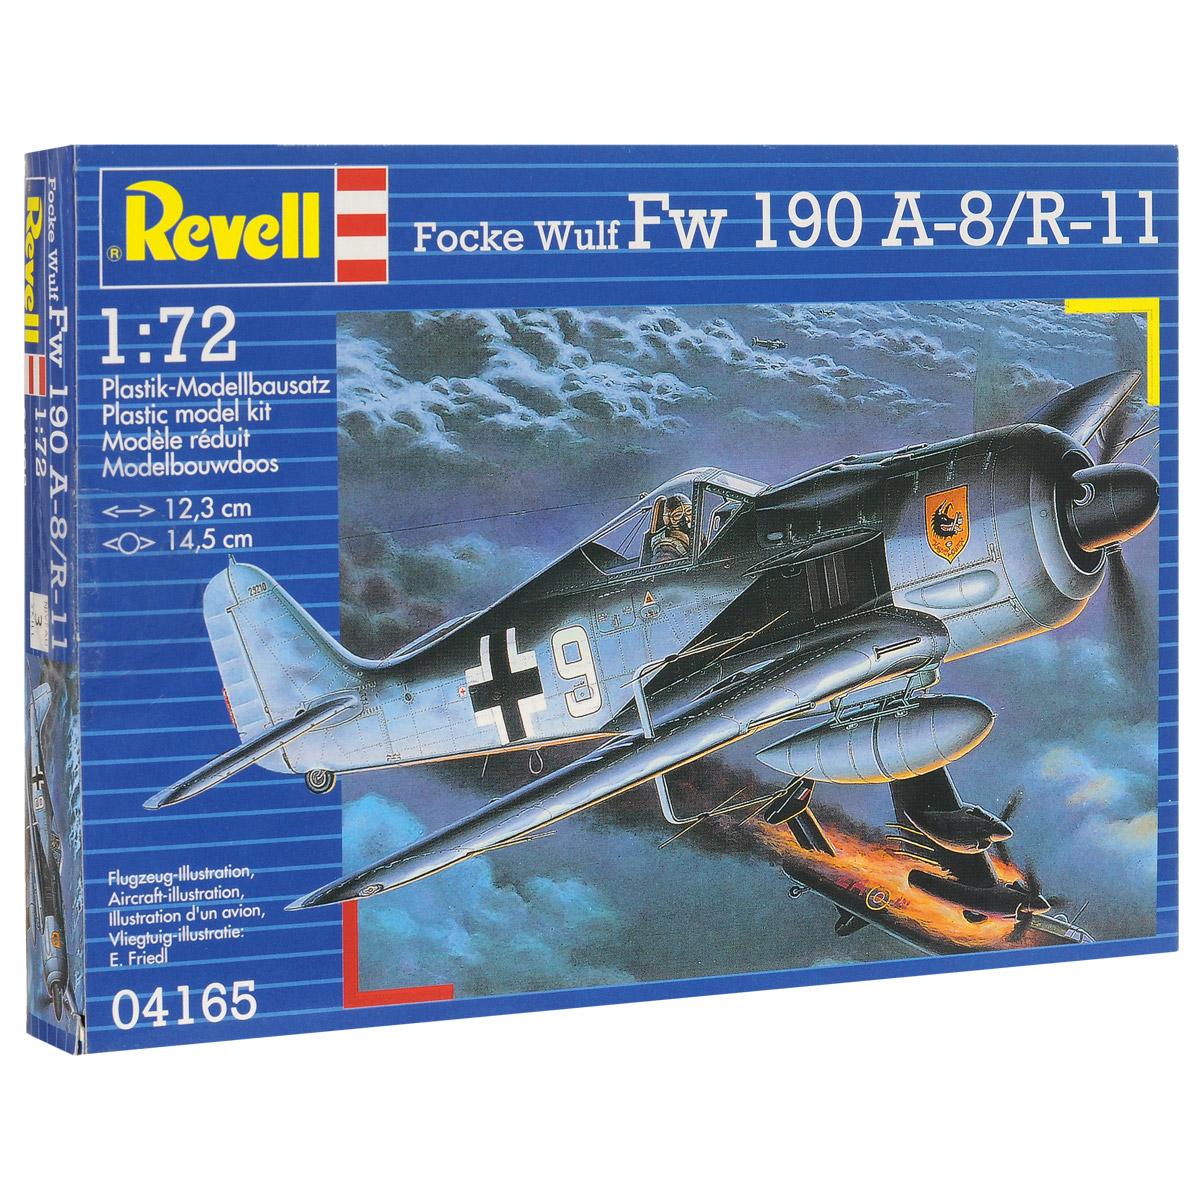 Сборная модель Revell Самолет Focke Wulf Fw 190 А-8/R-1104165Сборная модель Revell Самолет Focke Wulf Fw 190 А-8/R-11 поможет вам и вашему ребенку придумать увлекательное занятие на долгое время. Набор включает в себя 54 пластиковых элемента, из которых можно собрать достоверную уменьшенную копию одноименного самолета. Первый полет самолет совершил за несколько месяцев до начала войны. В эскадрильи новые машины стали поступать лишь в начале 1941 года. На Восточном фронте Fw 190 впервые были задействованы под Ленинградом. Немецкая машина проигрывала основным советским истребителям в маневренности, но благодаря высокой скорости пикирования летчики Люфтваффе могли легко выходить из боя. В целом новый истребитель не давал им особых преимуществ перед советскими пилотами. Поэтому основным истребителем на Восточном фронте стал BF-109. Модификация Fw 190 А-8 создавалась, прежде всего, для борьбы с бомбардировщиками союзников. Машина получила усиленное бронирование и вооружение. Была установлена система форсажа, а...